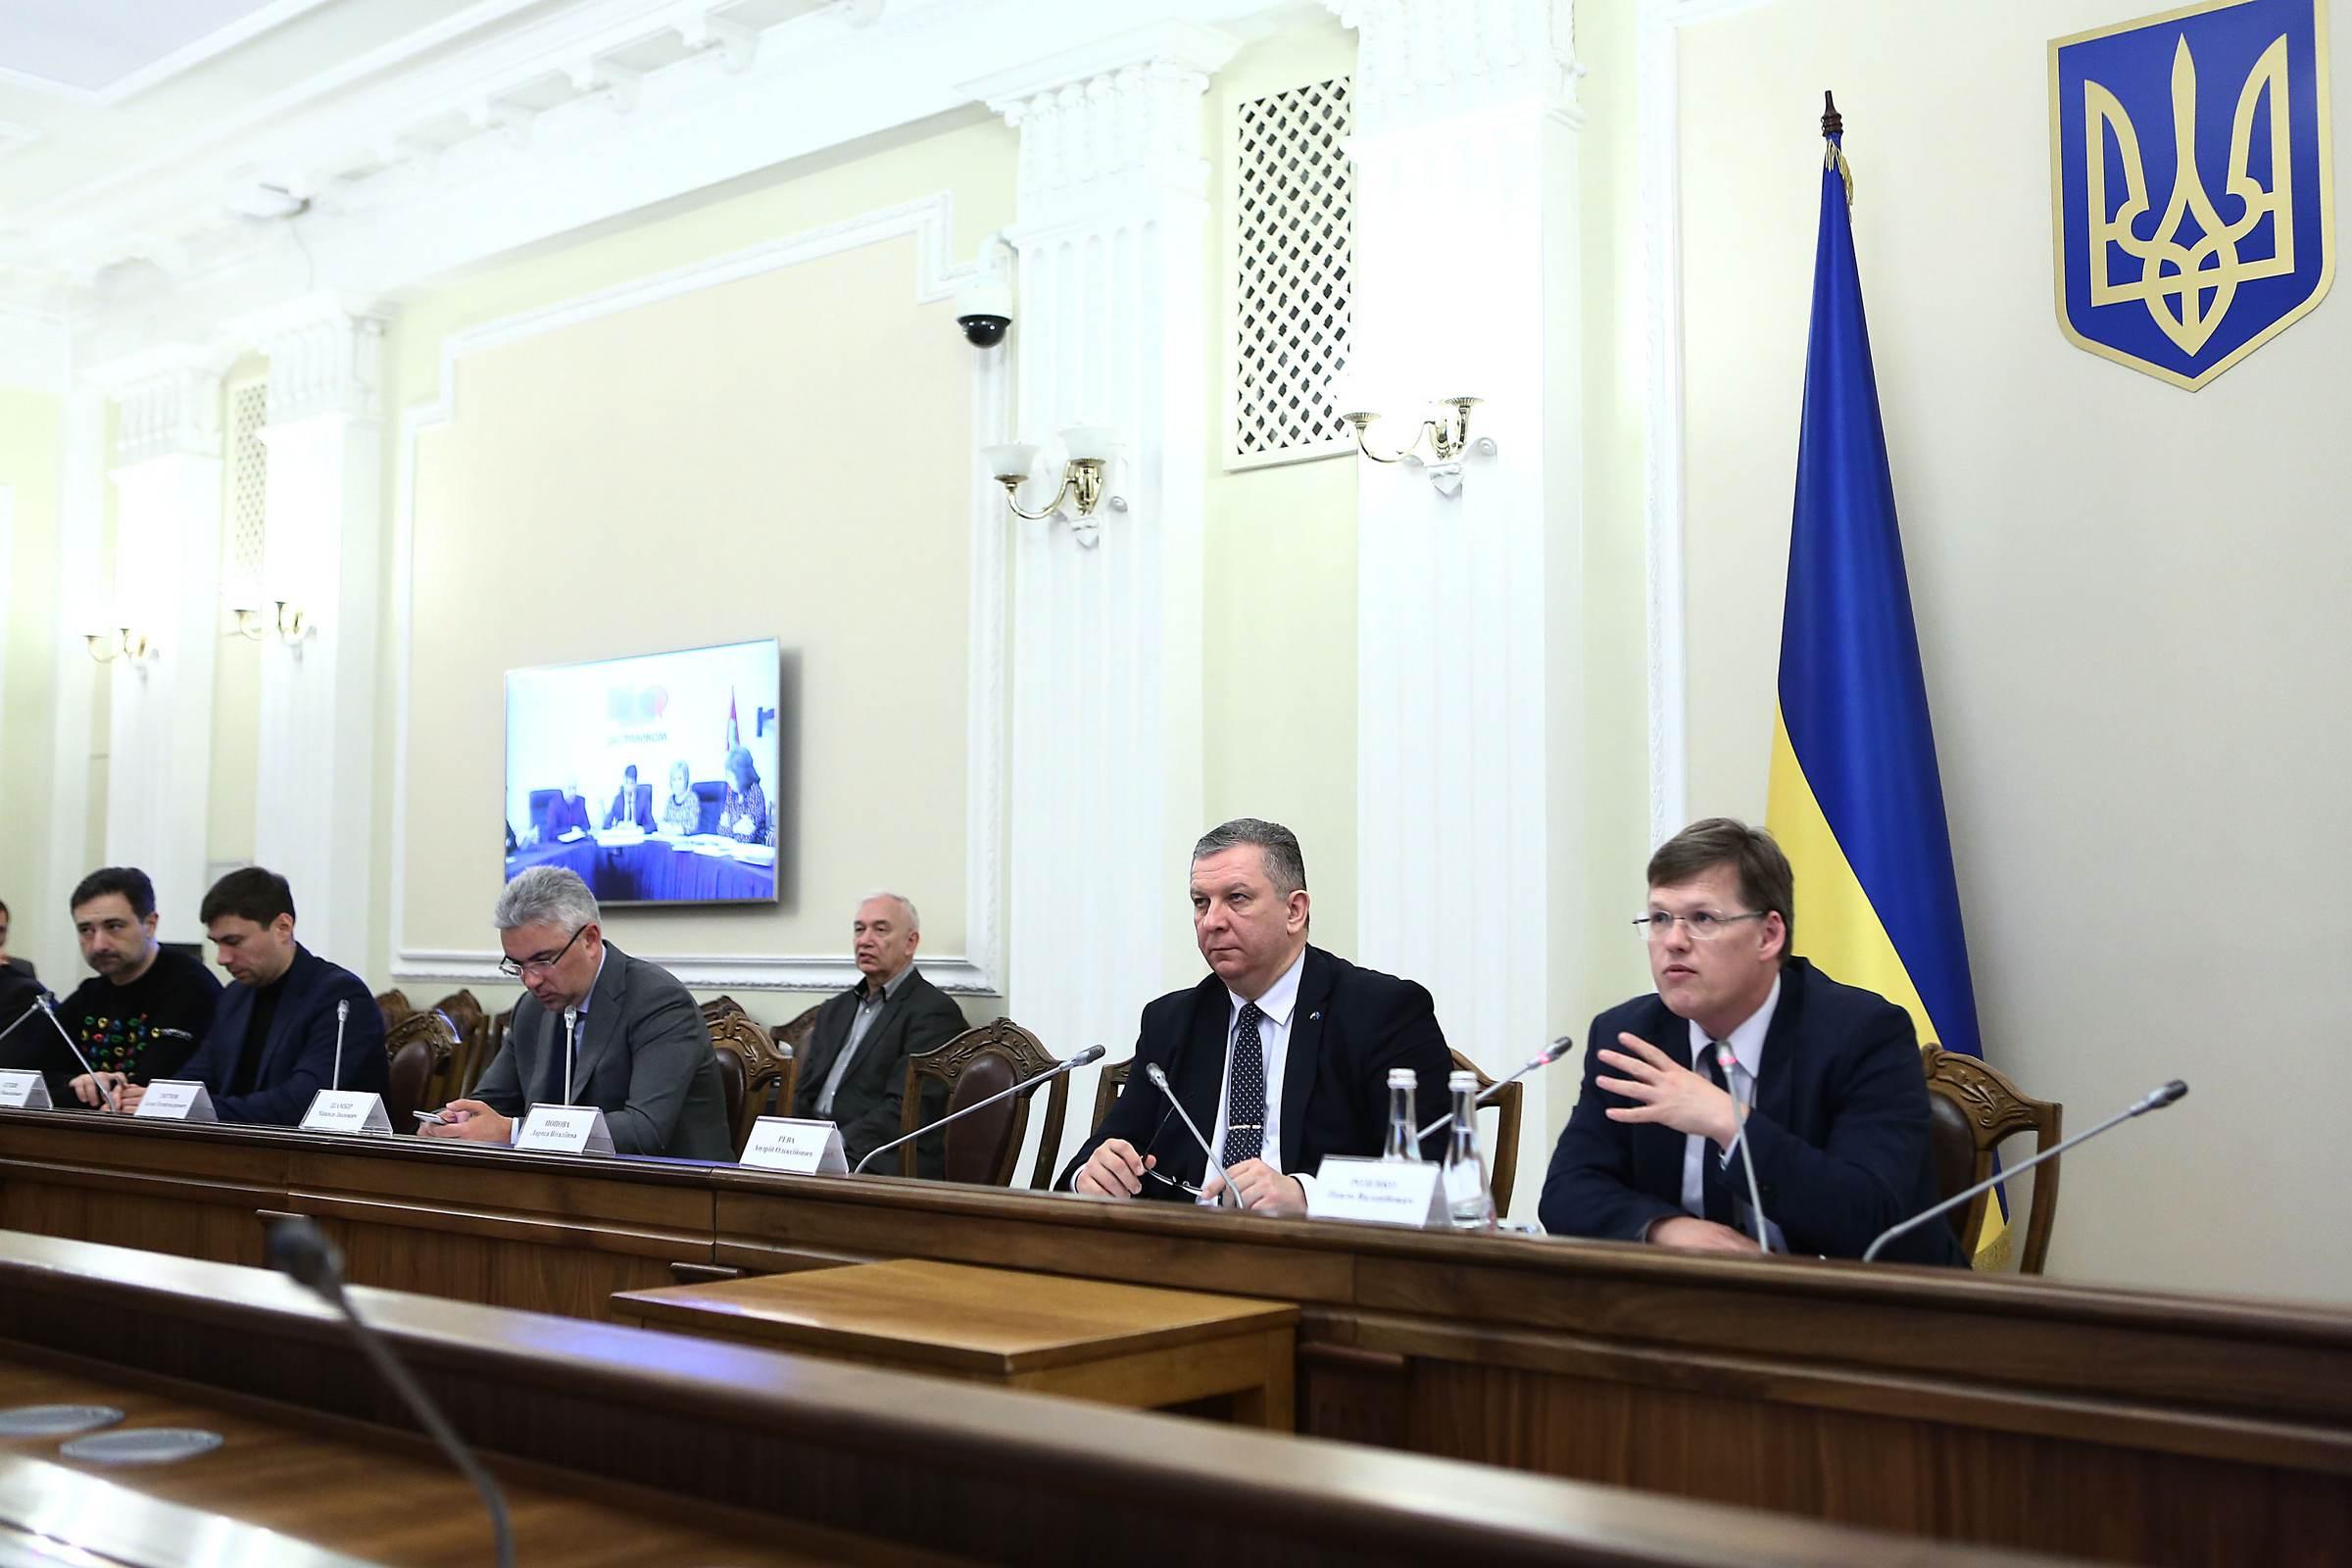 Павло Розенко: Монетизуючи субсидії і підвищуючи пенсії, Уряд виконує Закон